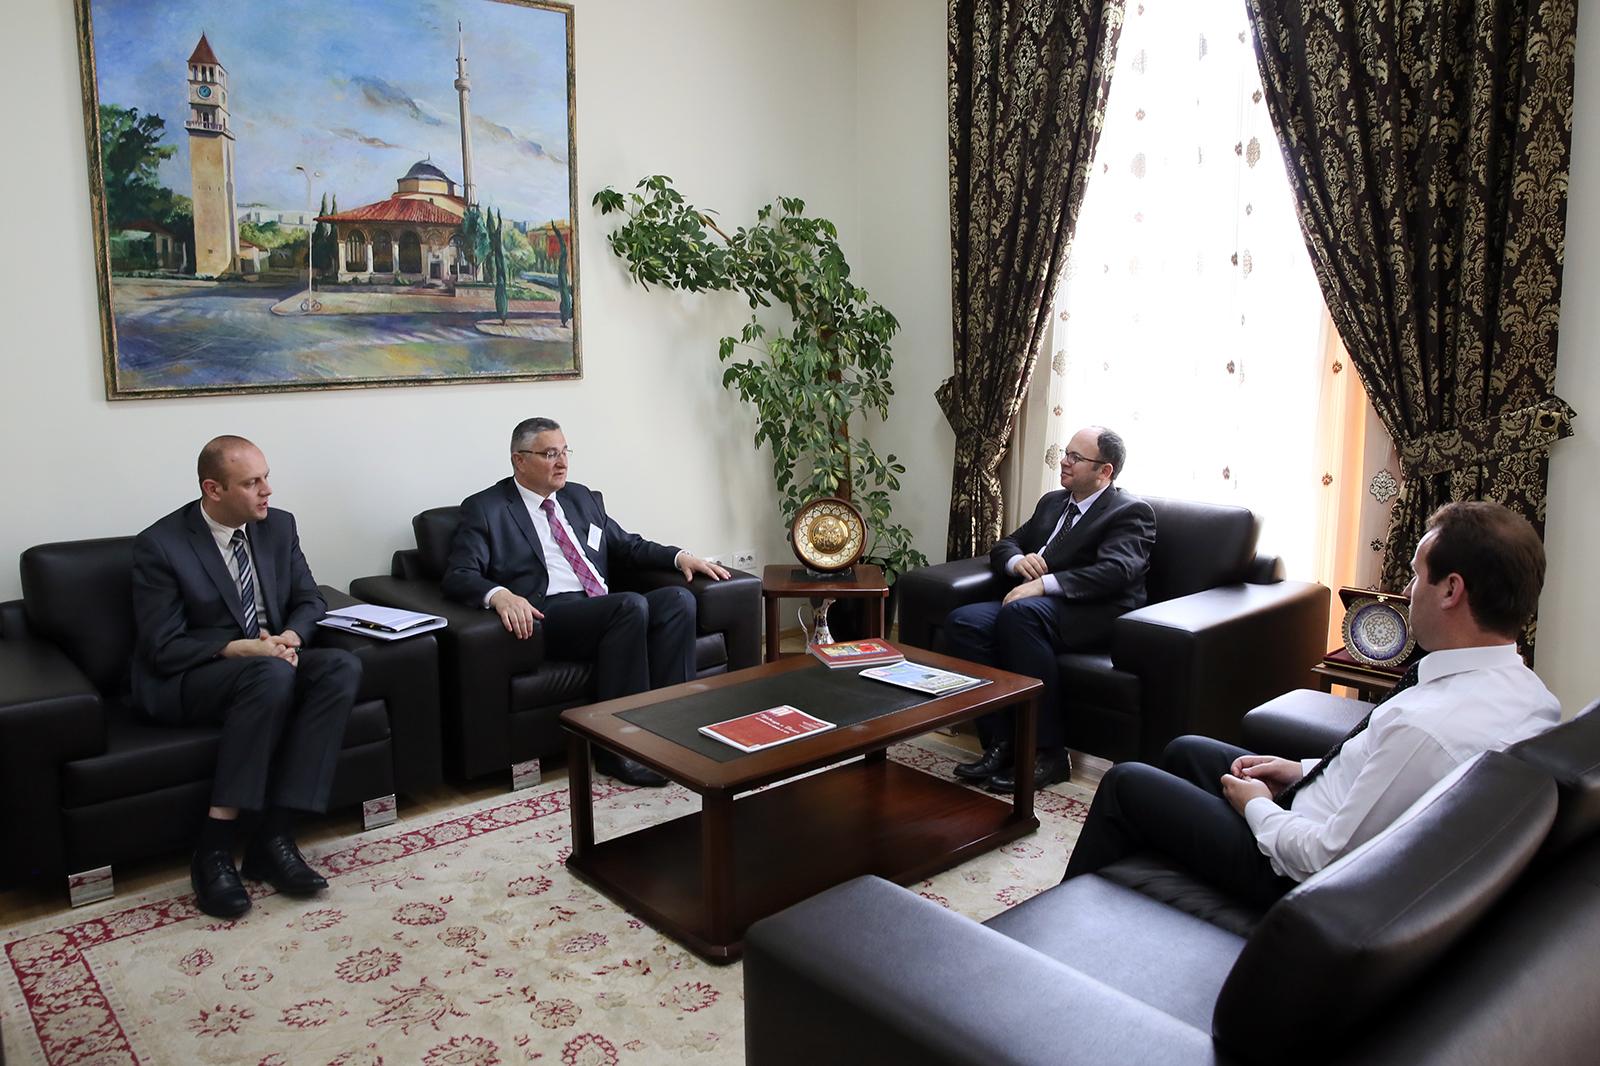 Kryetari Bruçaj pret në një takim Myftiun e Kroacisë